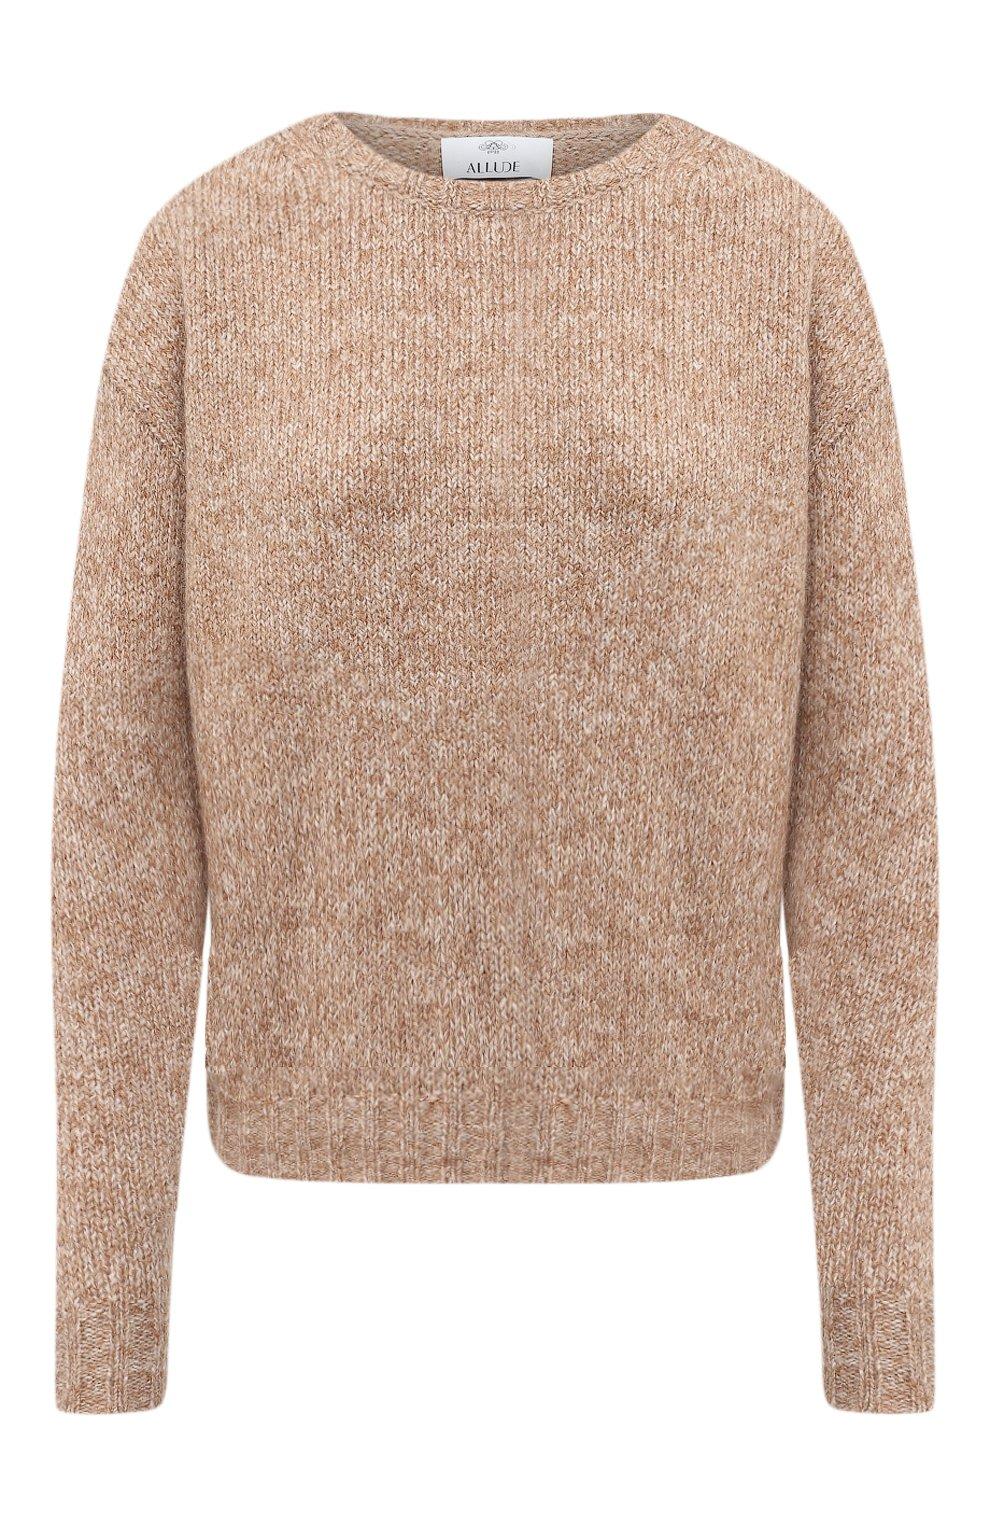 Женский свитер ALLUDE коричневого цвета, арт. 205/62003 | Фото 1 (Женское Кросс-КТ: Свитер-одежда; Рукава: Длинные; Материал внешний: Синтетический материал; Длина (для топов): Стандартные)